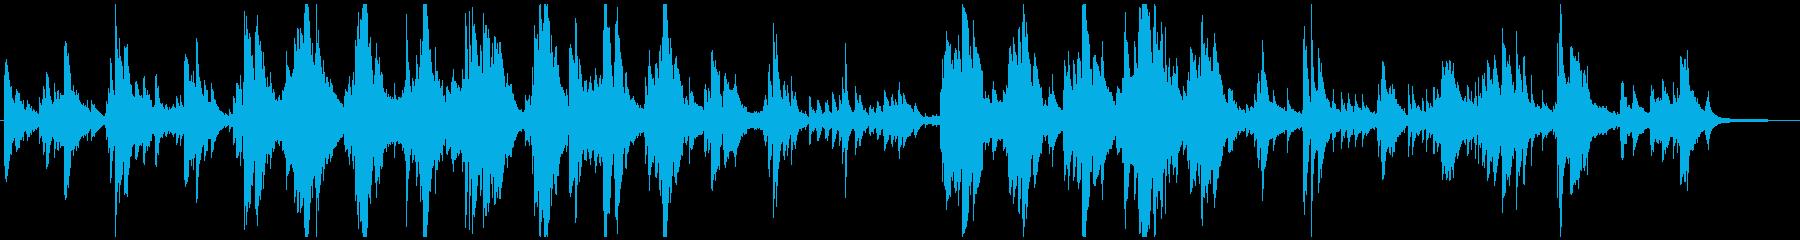 ソフト/スムースジャズ。エロチック...の再生済みの波形